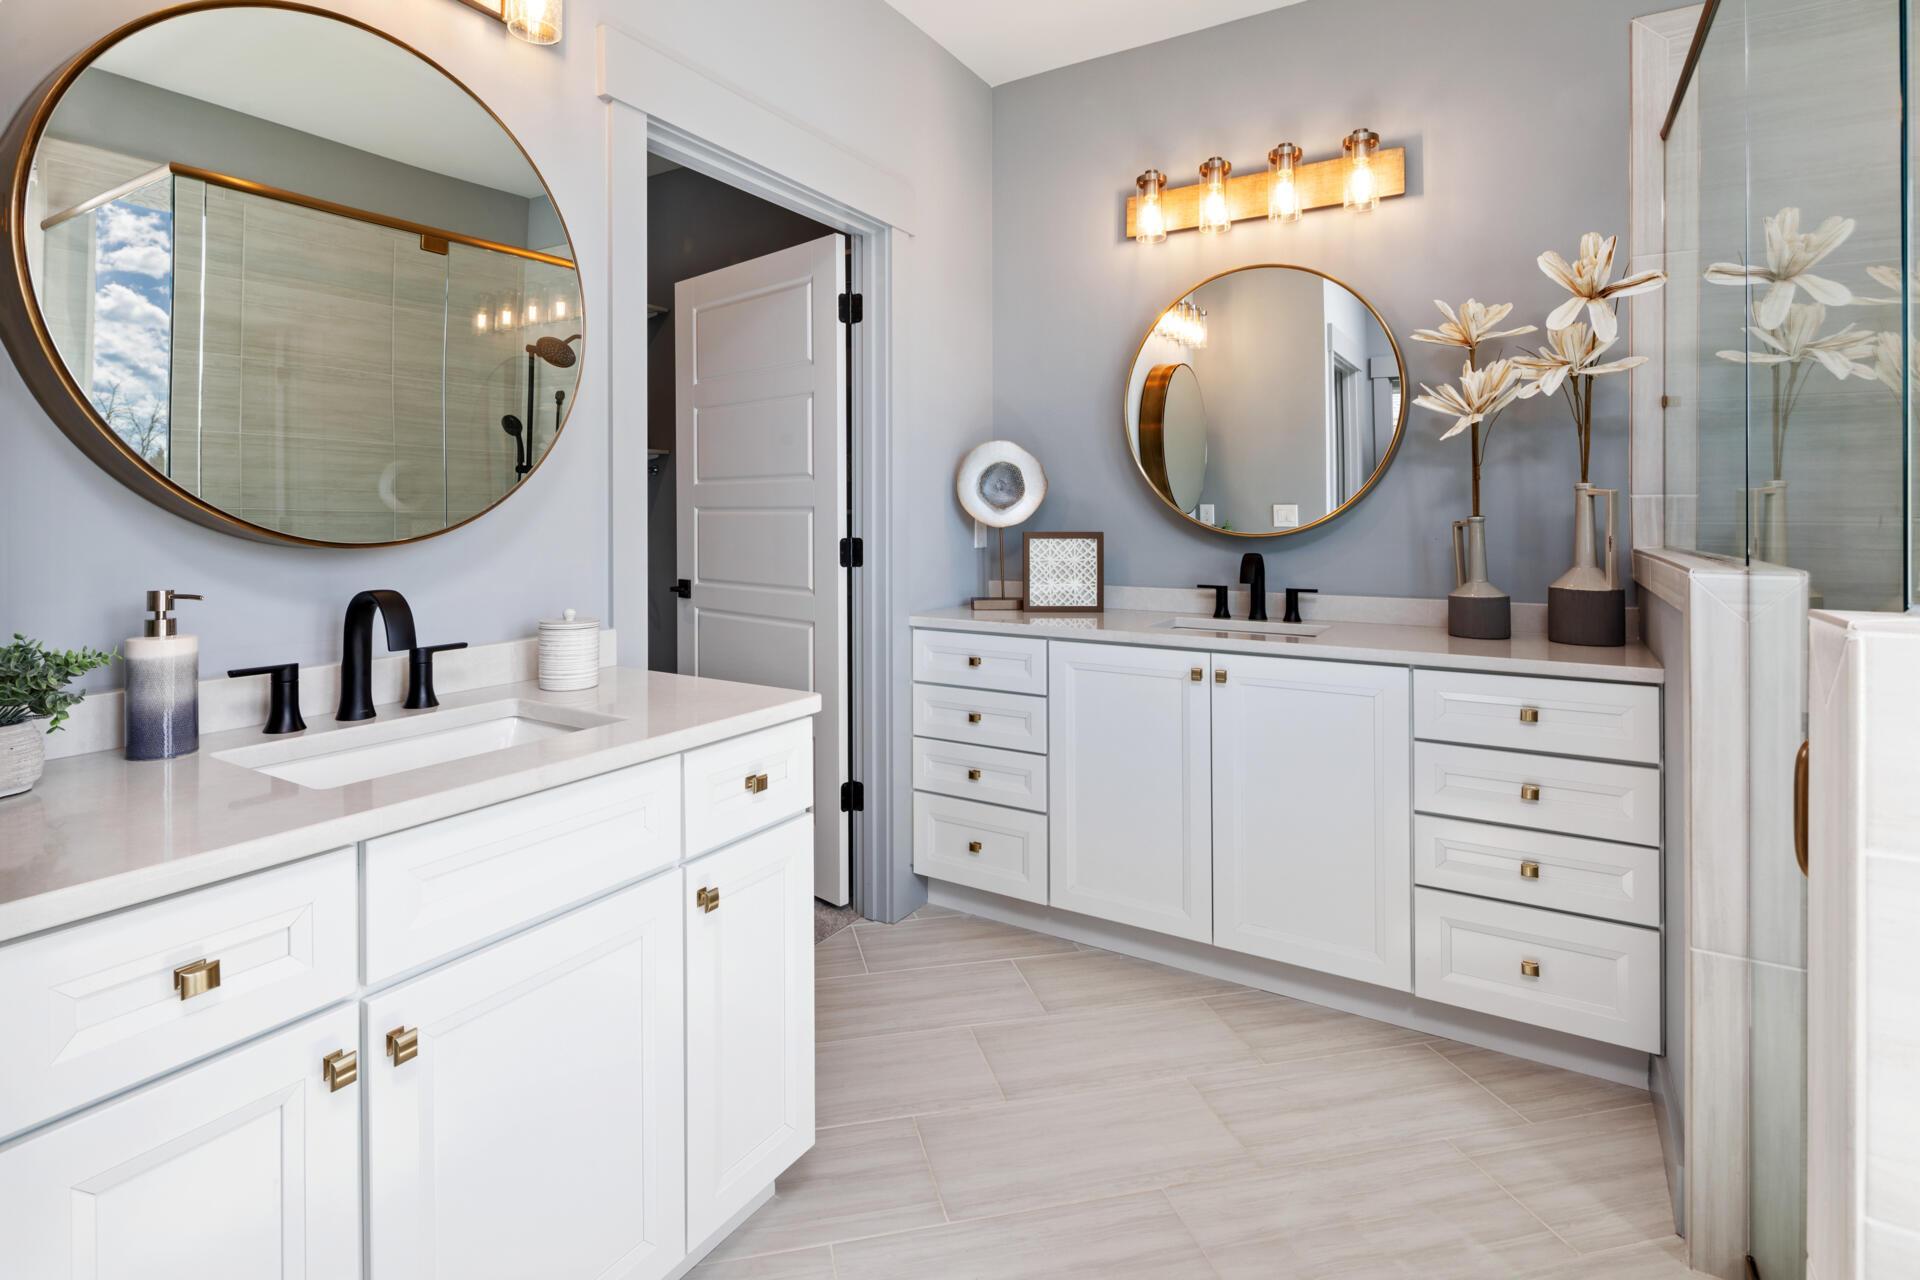 Bathroom featured in the Hialeah By Drees Homes in Cincinnati, OH